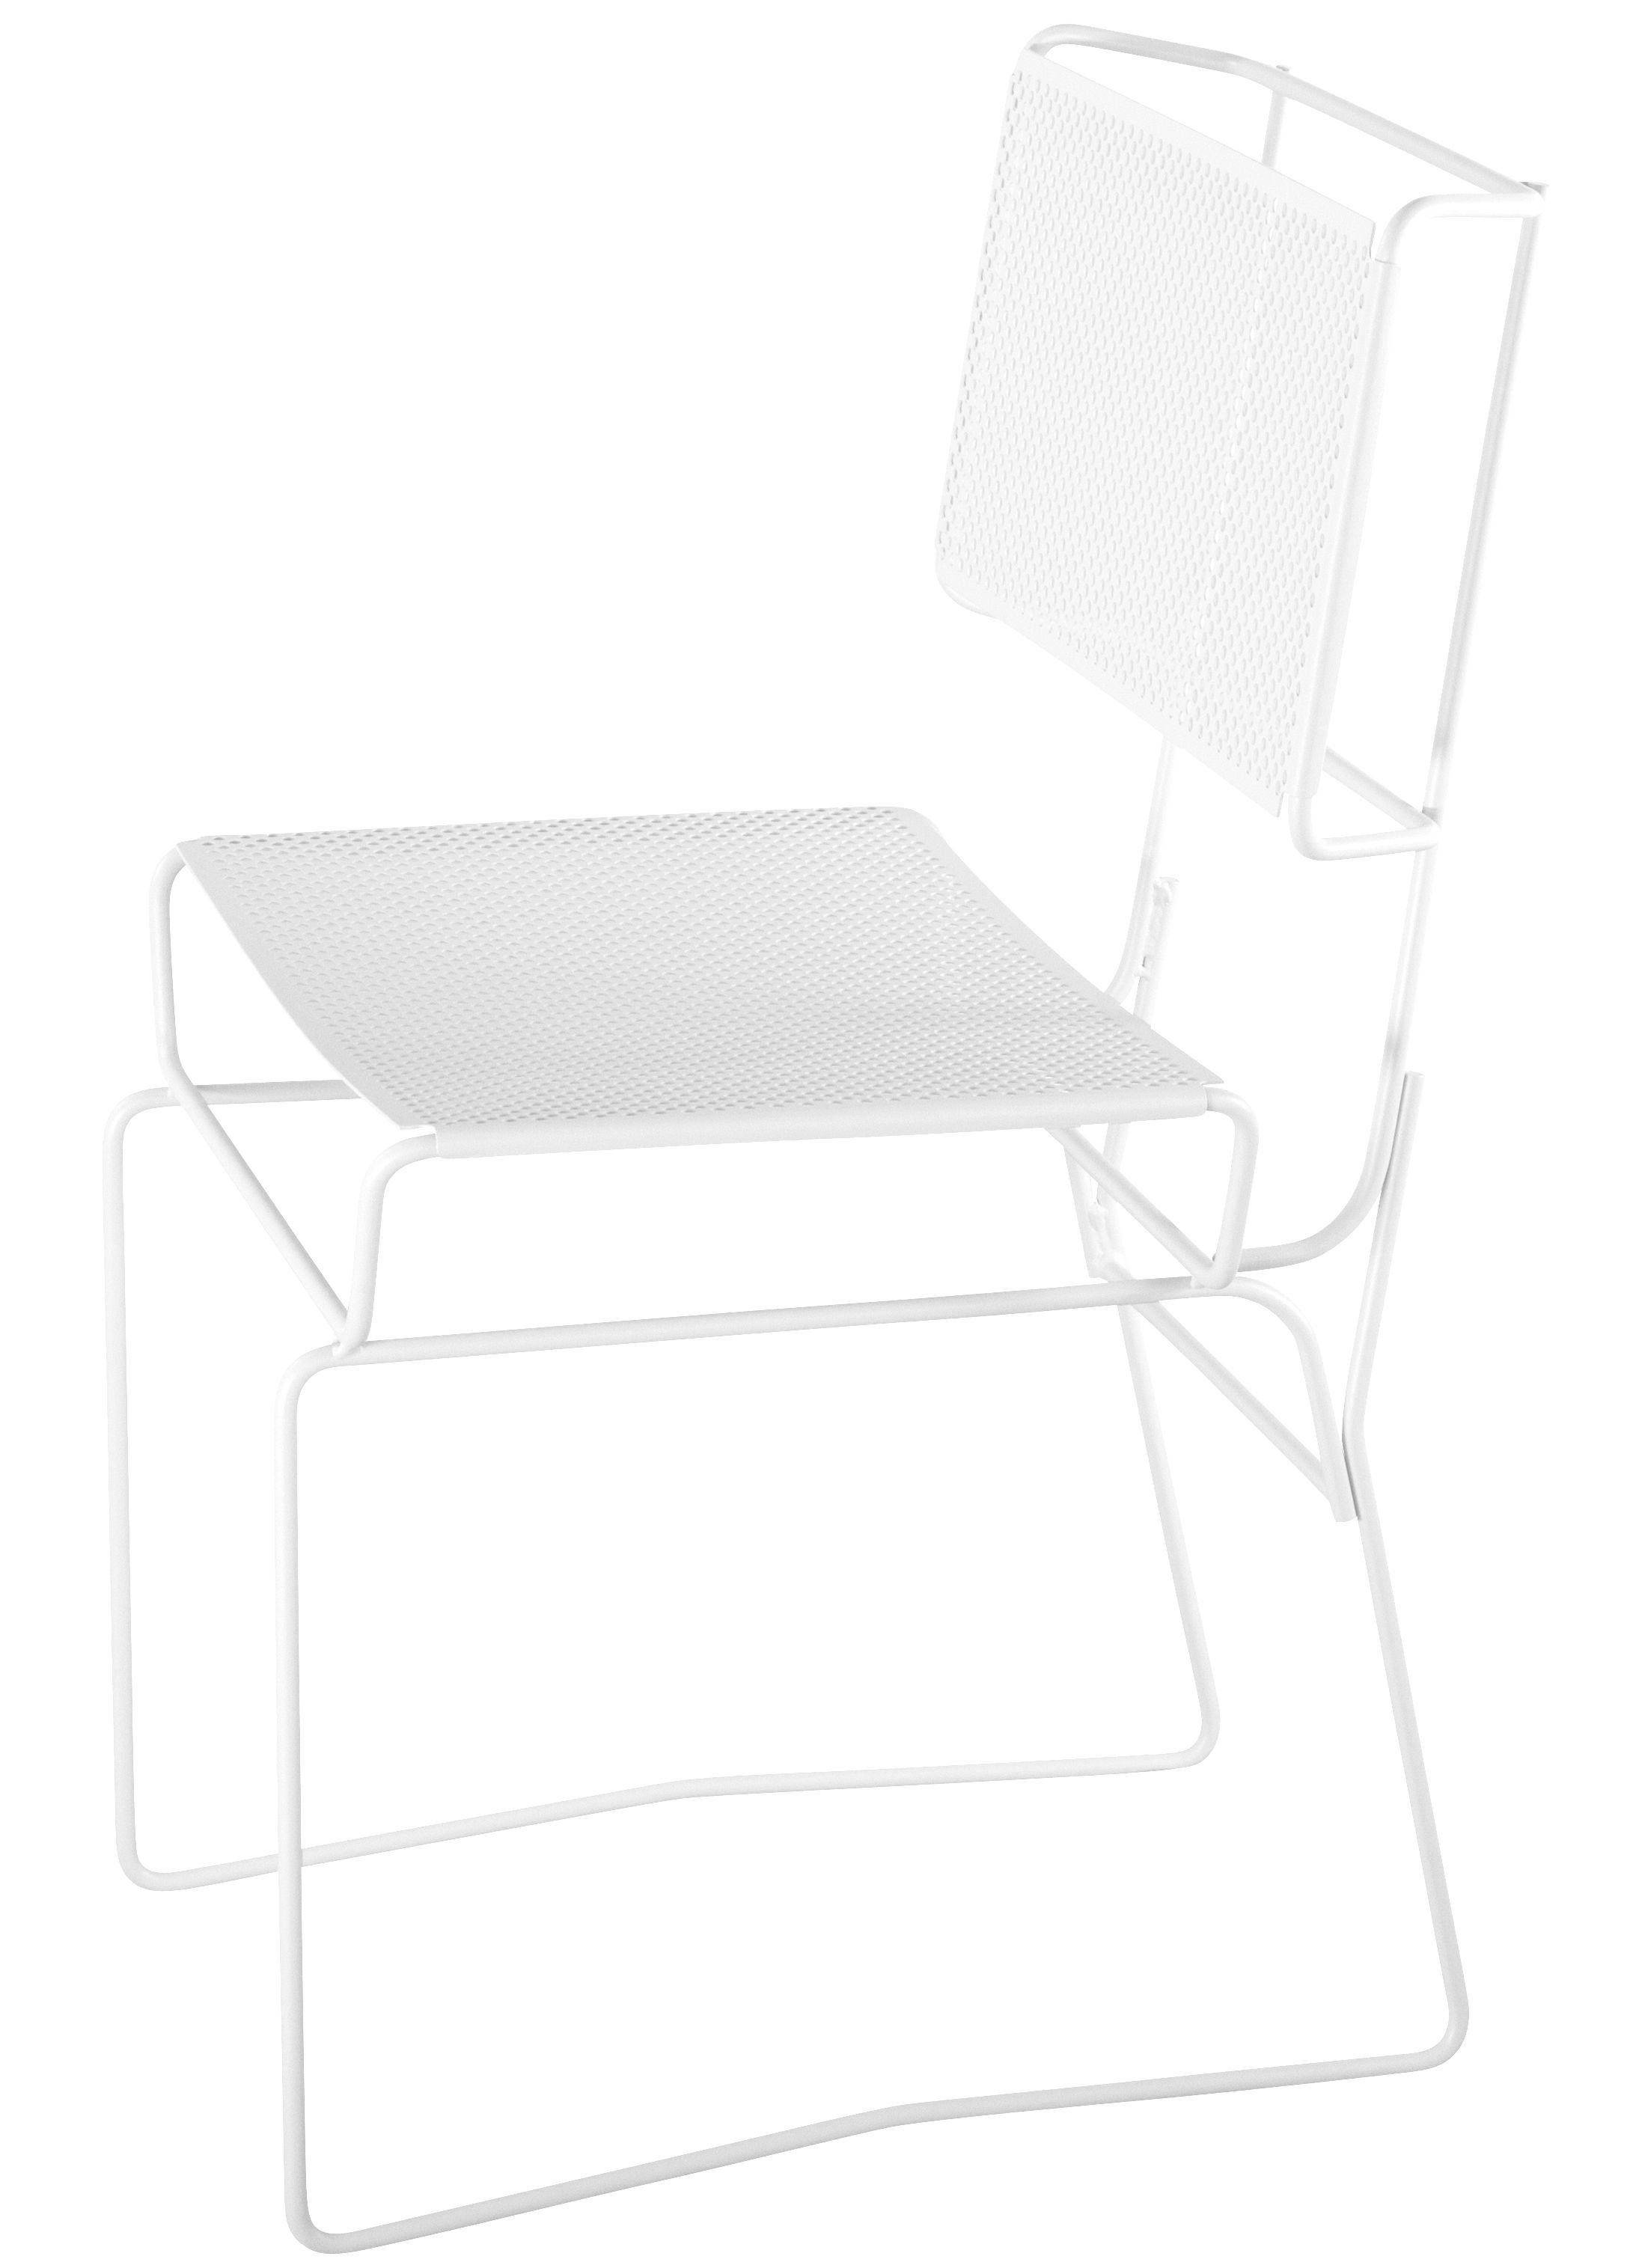 Mobilier - Chaises, fauteuils de salle à manger - Chaise Fil - AA-New Design - Blanc - Acier laqué époxy